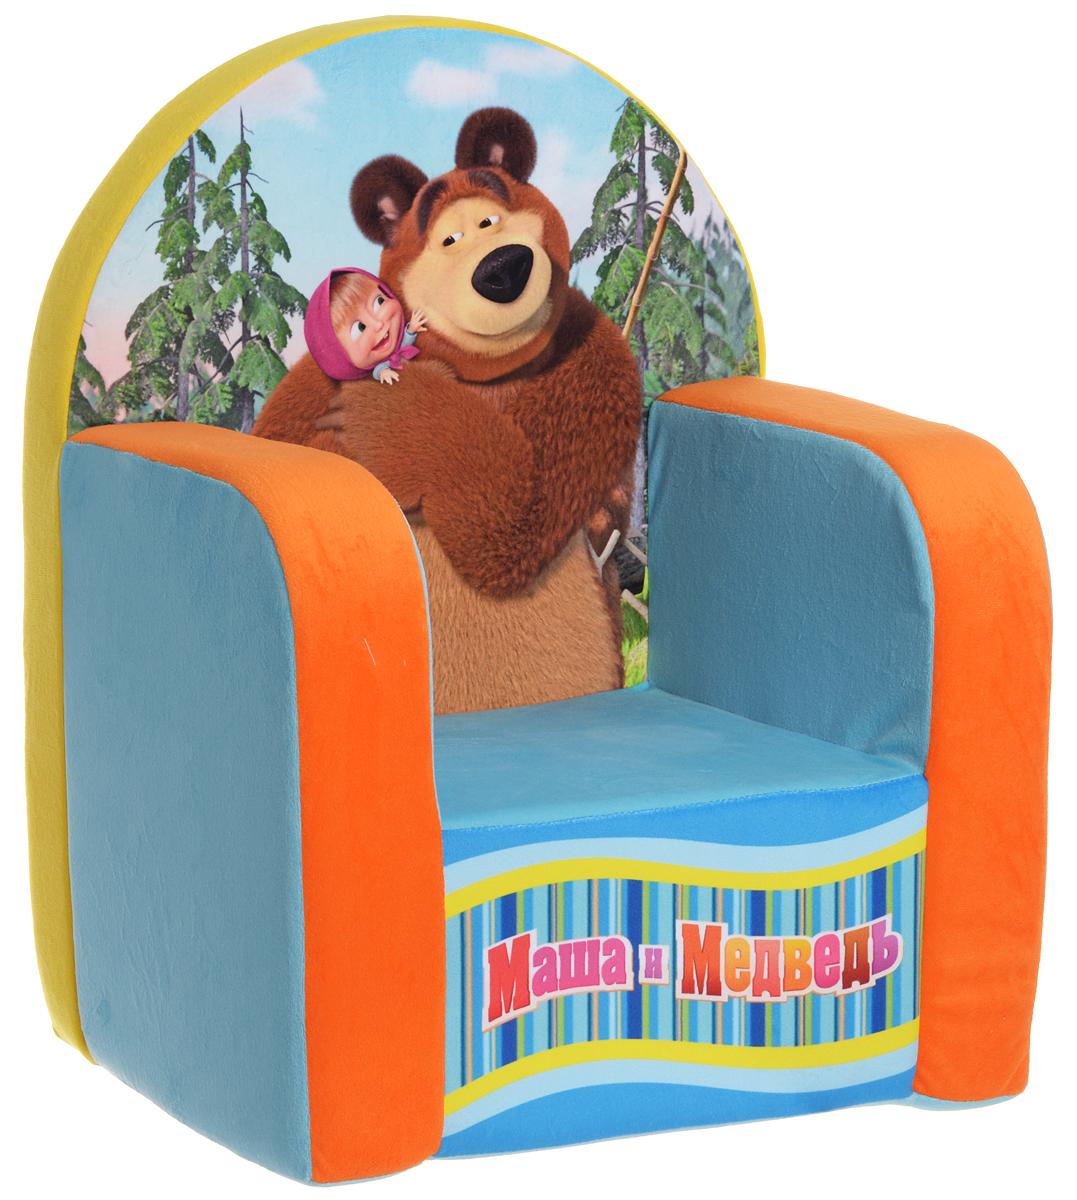 СмолТойс Мягкая игрушка Кресло Маша и Медведь 54 см смолтойс мягкое кресло скругленное маша и медведь смолтойс розовый